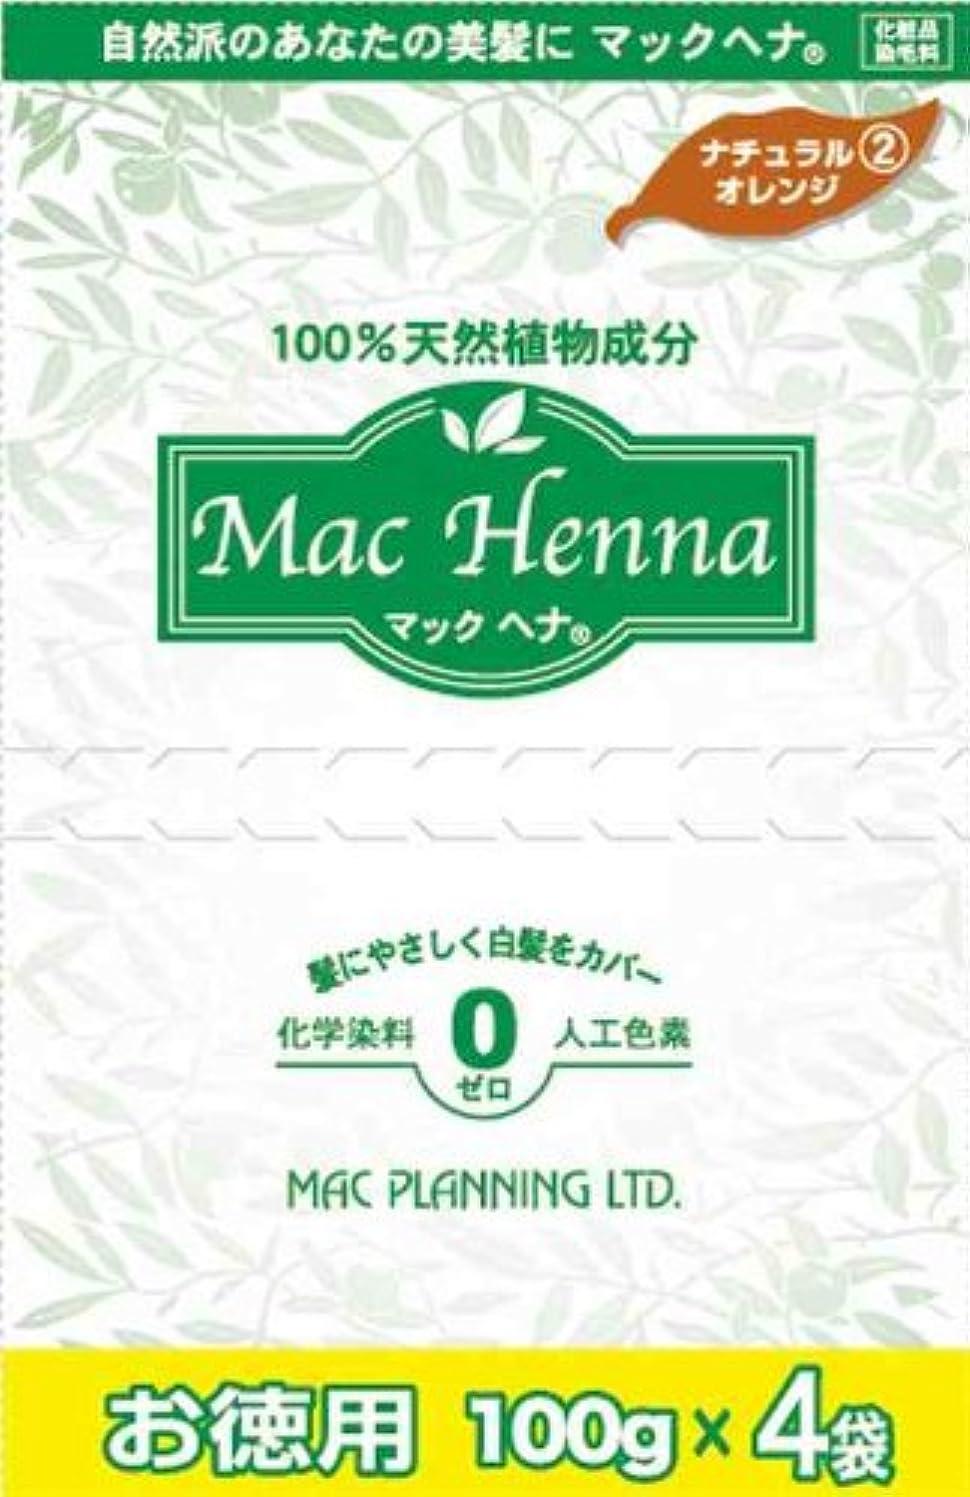 粗い交響曲細断マックヘナ ナチュラルオレンジ  お徳用 100g×4